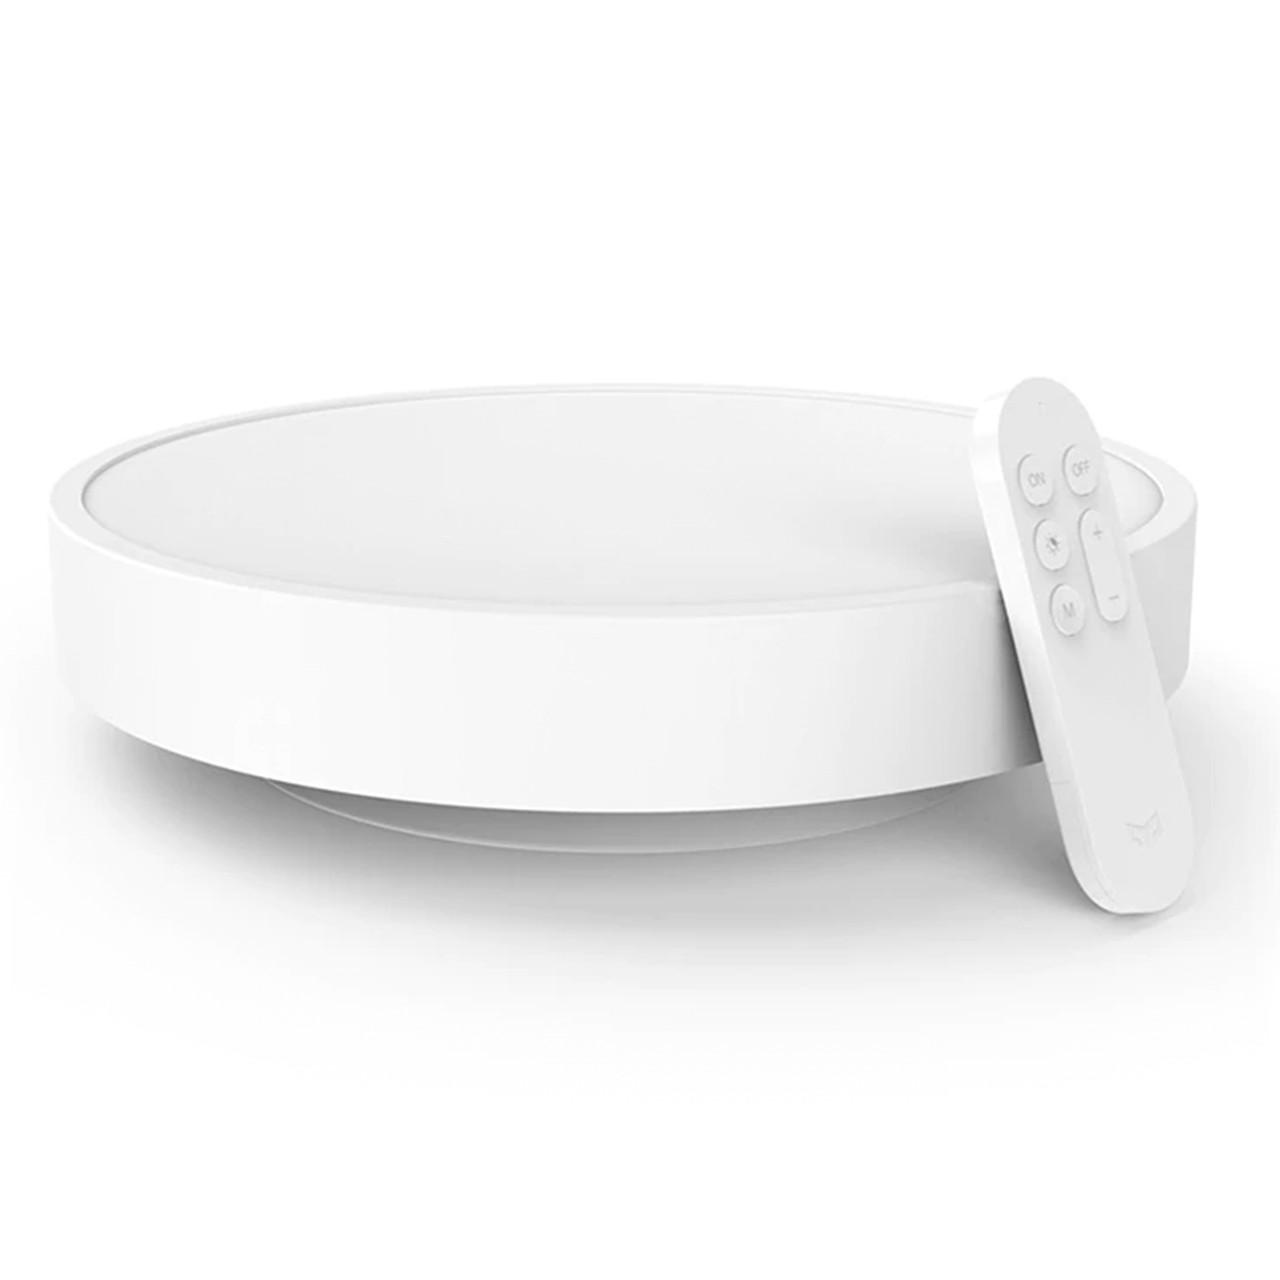 Потолочный смарт-светильник Xiaomi Yeelight Smart LED Ceiling Light 320 White для умного смарт дома